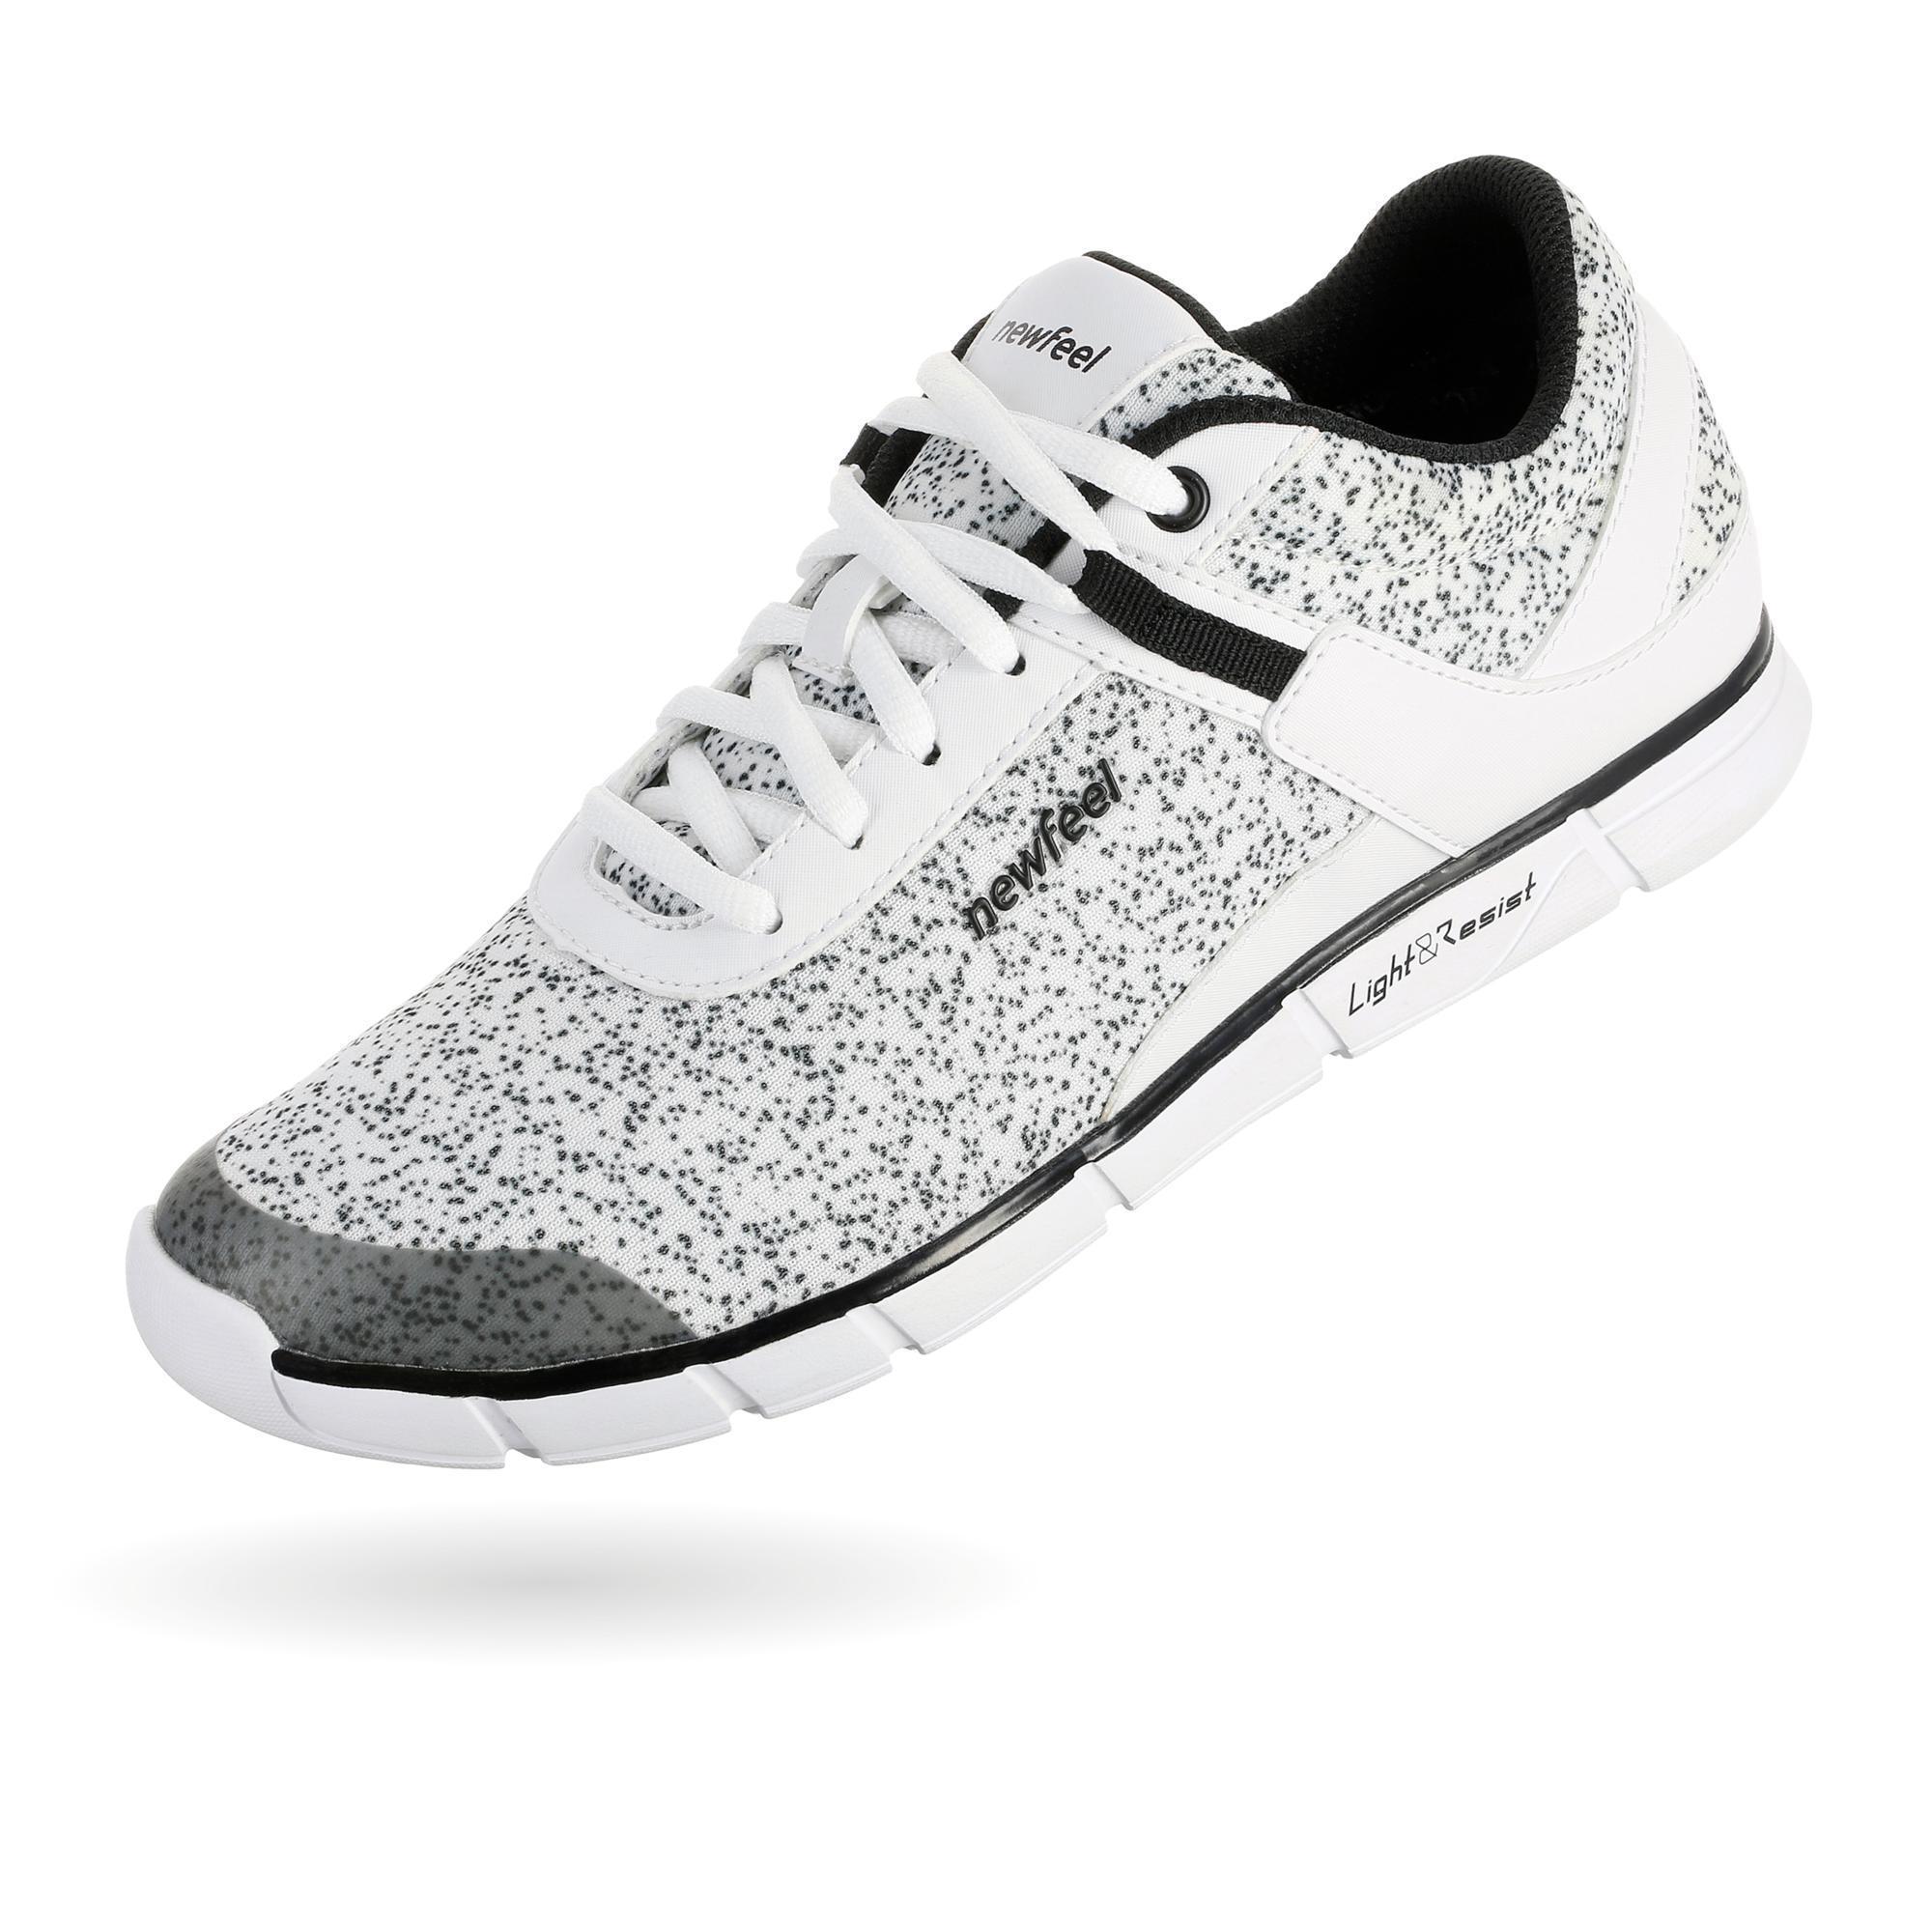 comprar zapatillas de marcha deportiva para mujeres decathlon rh decathlon es